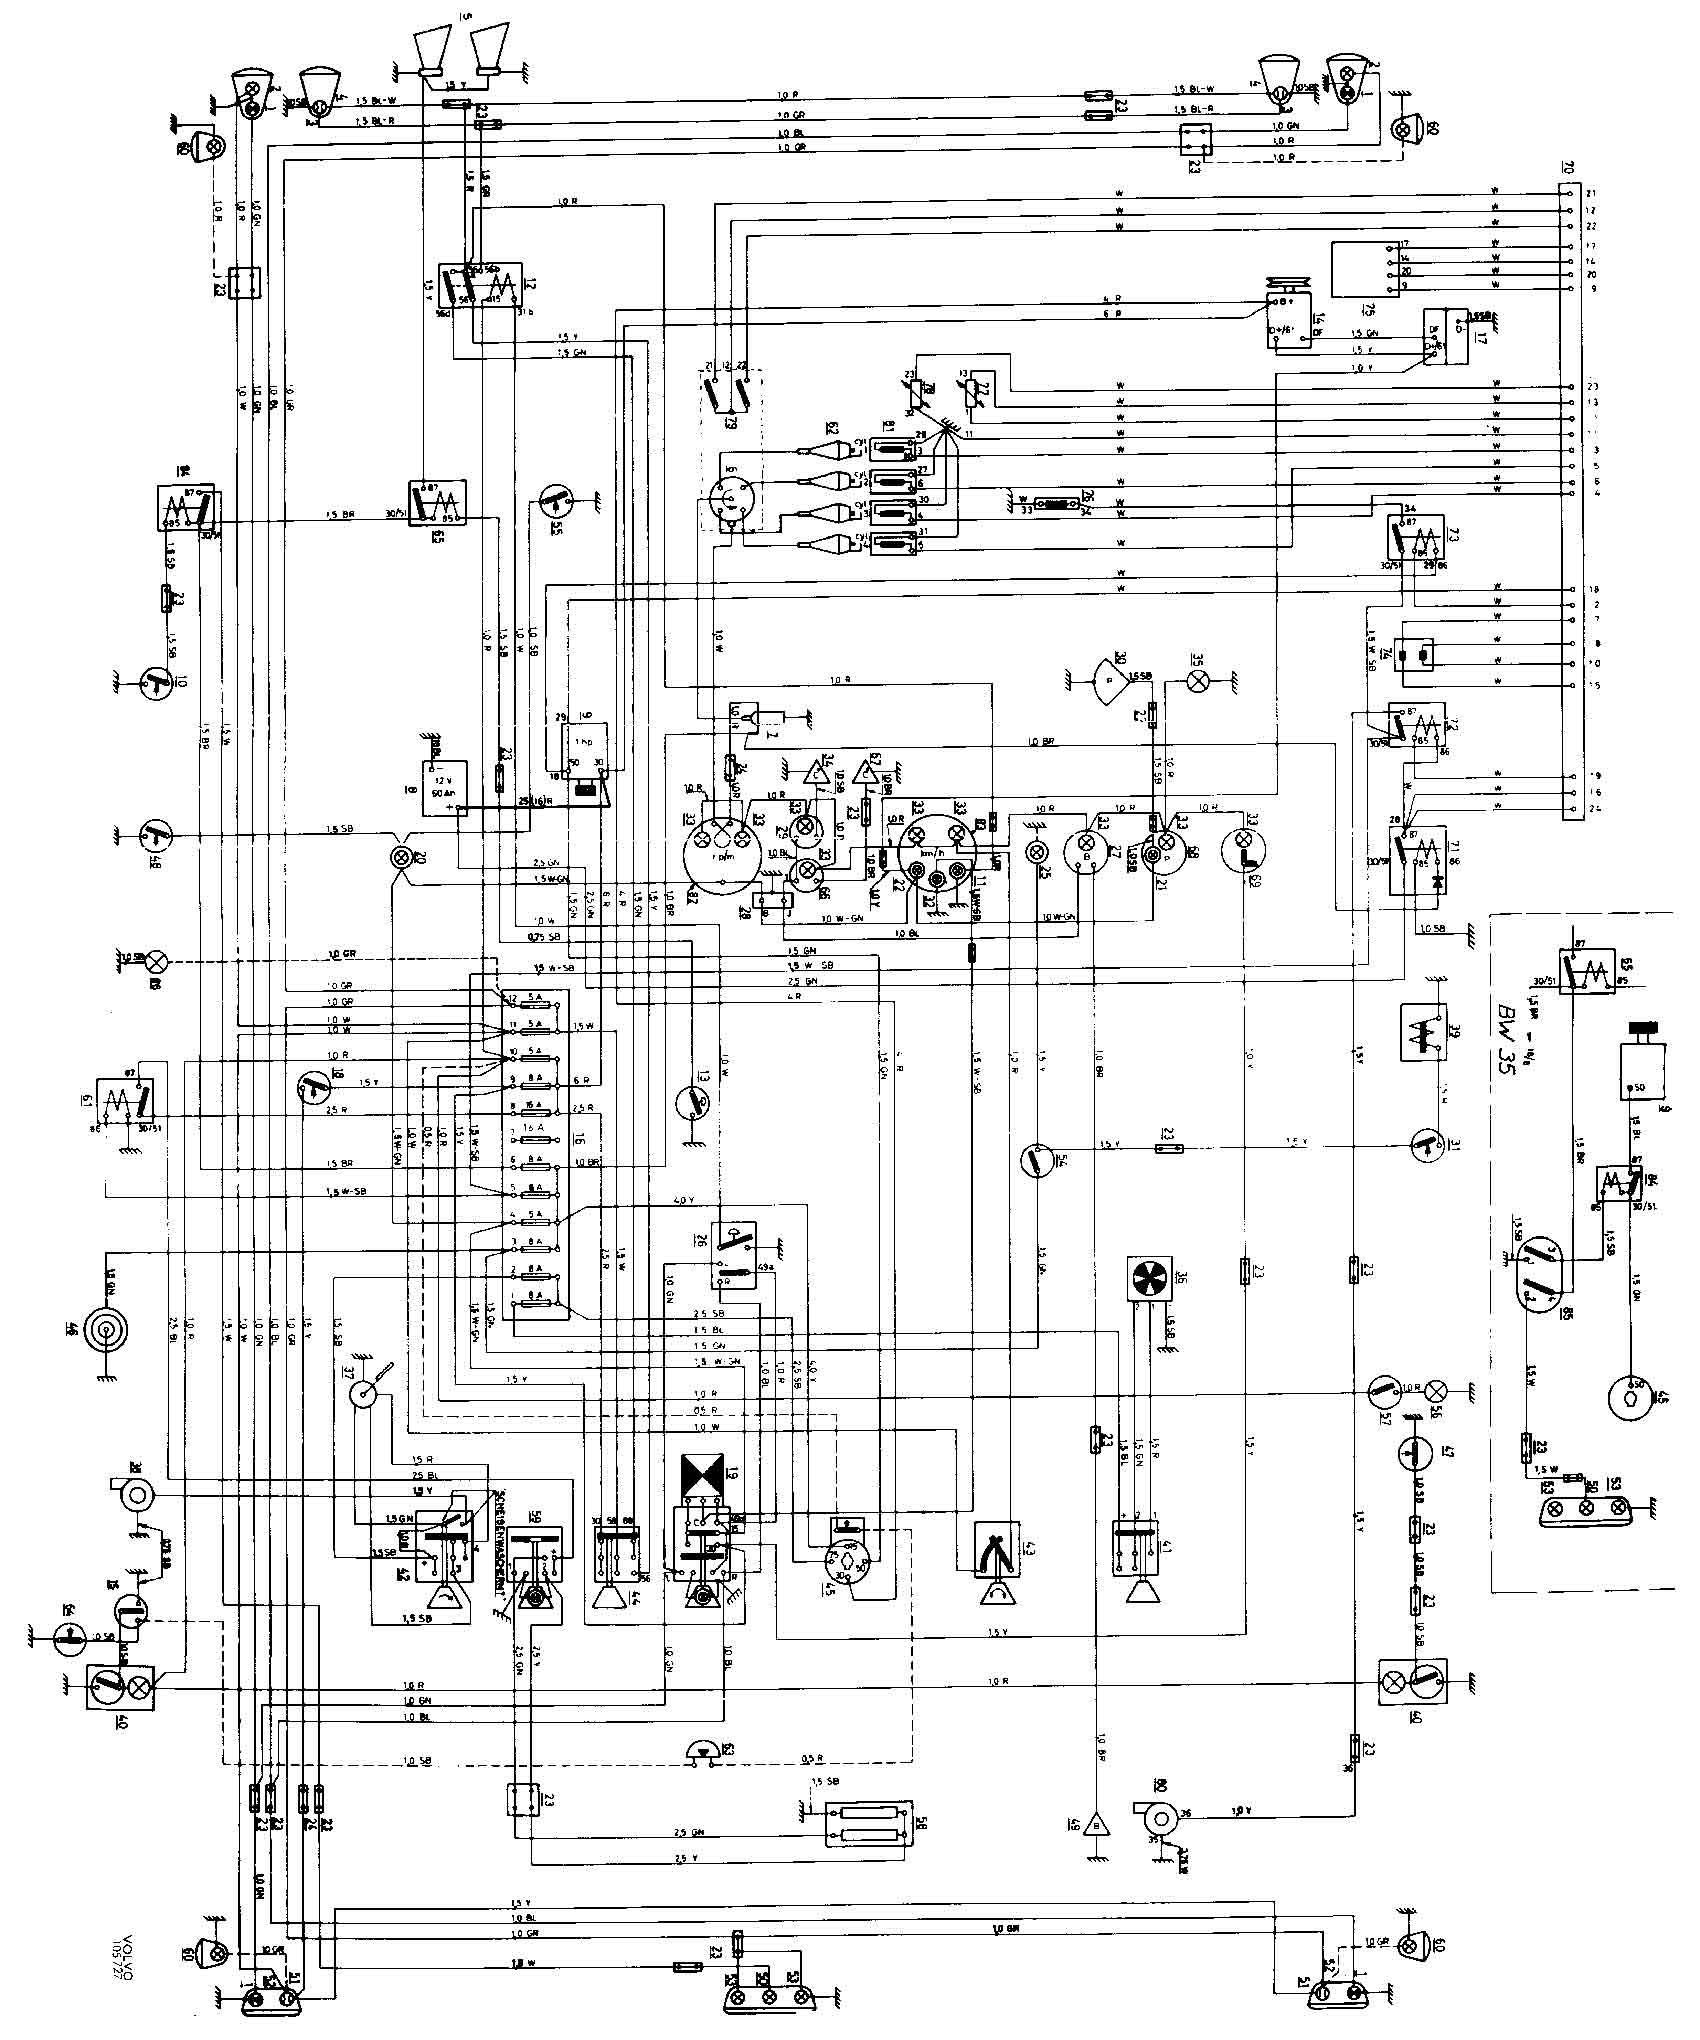 volvo s80 wiring diagram pdf vn volvo wiring diagrams wiring diagram data  vn volvo wiring diagrams wiring